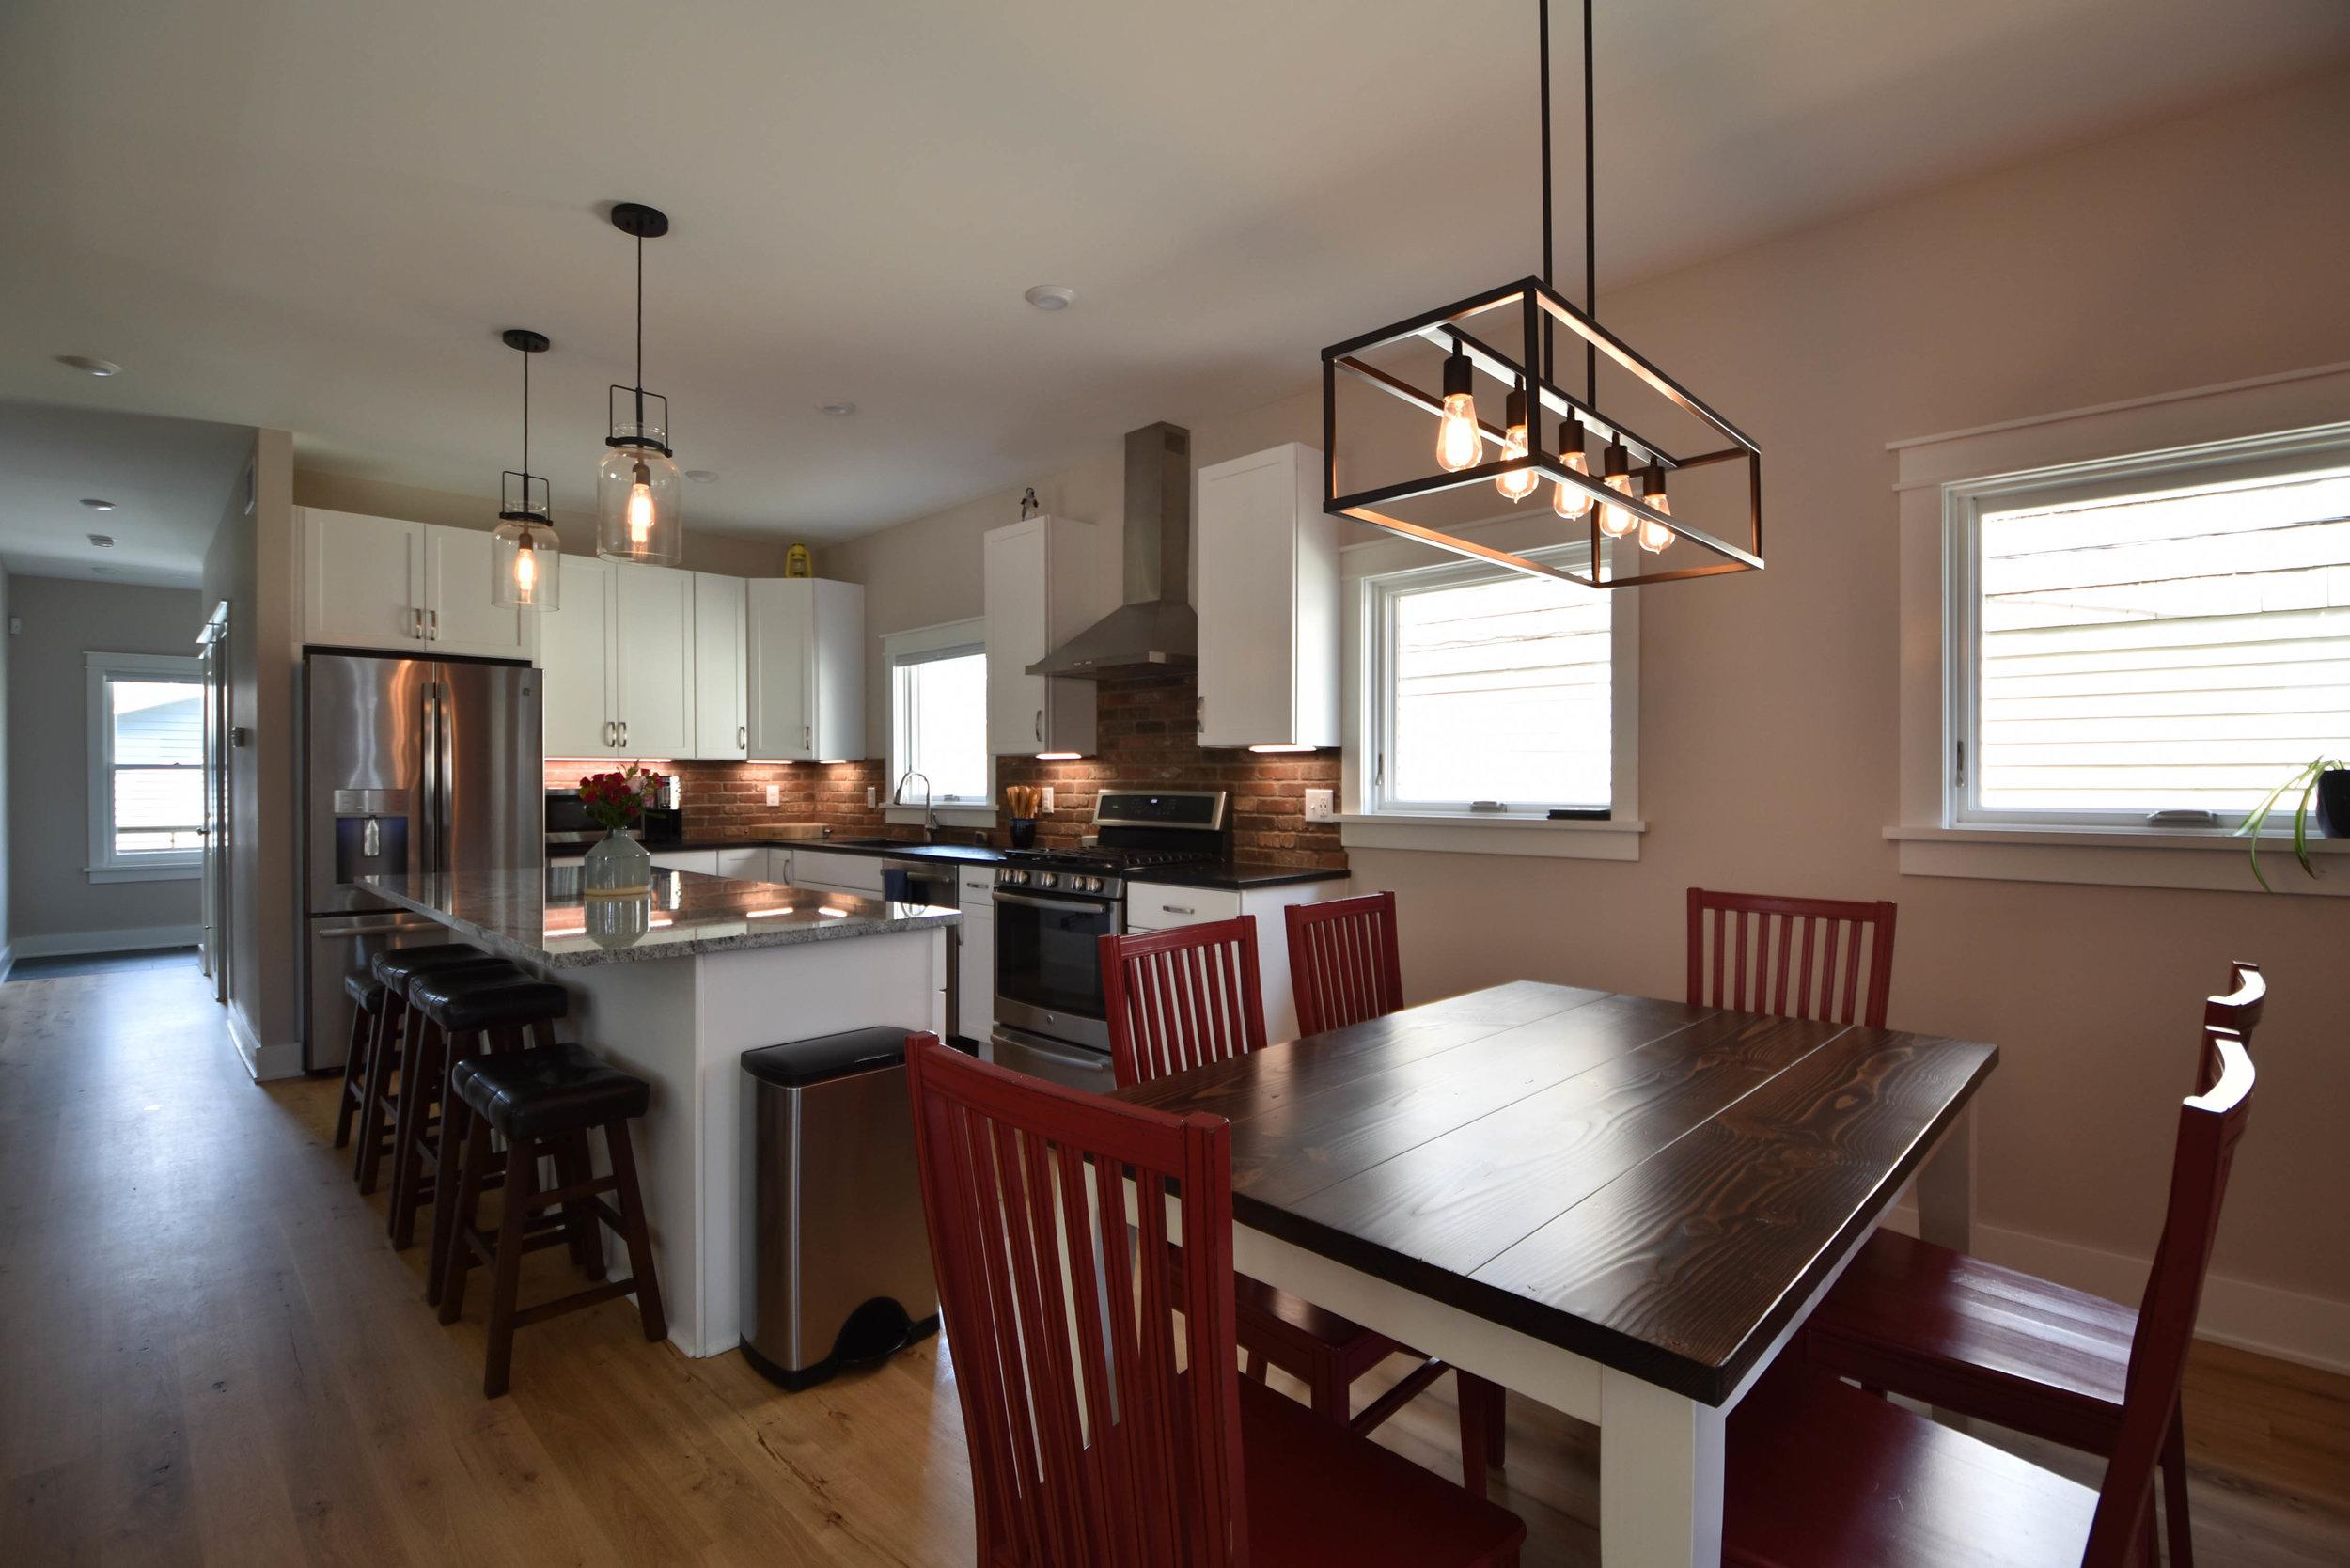 kitchen w table.jpg